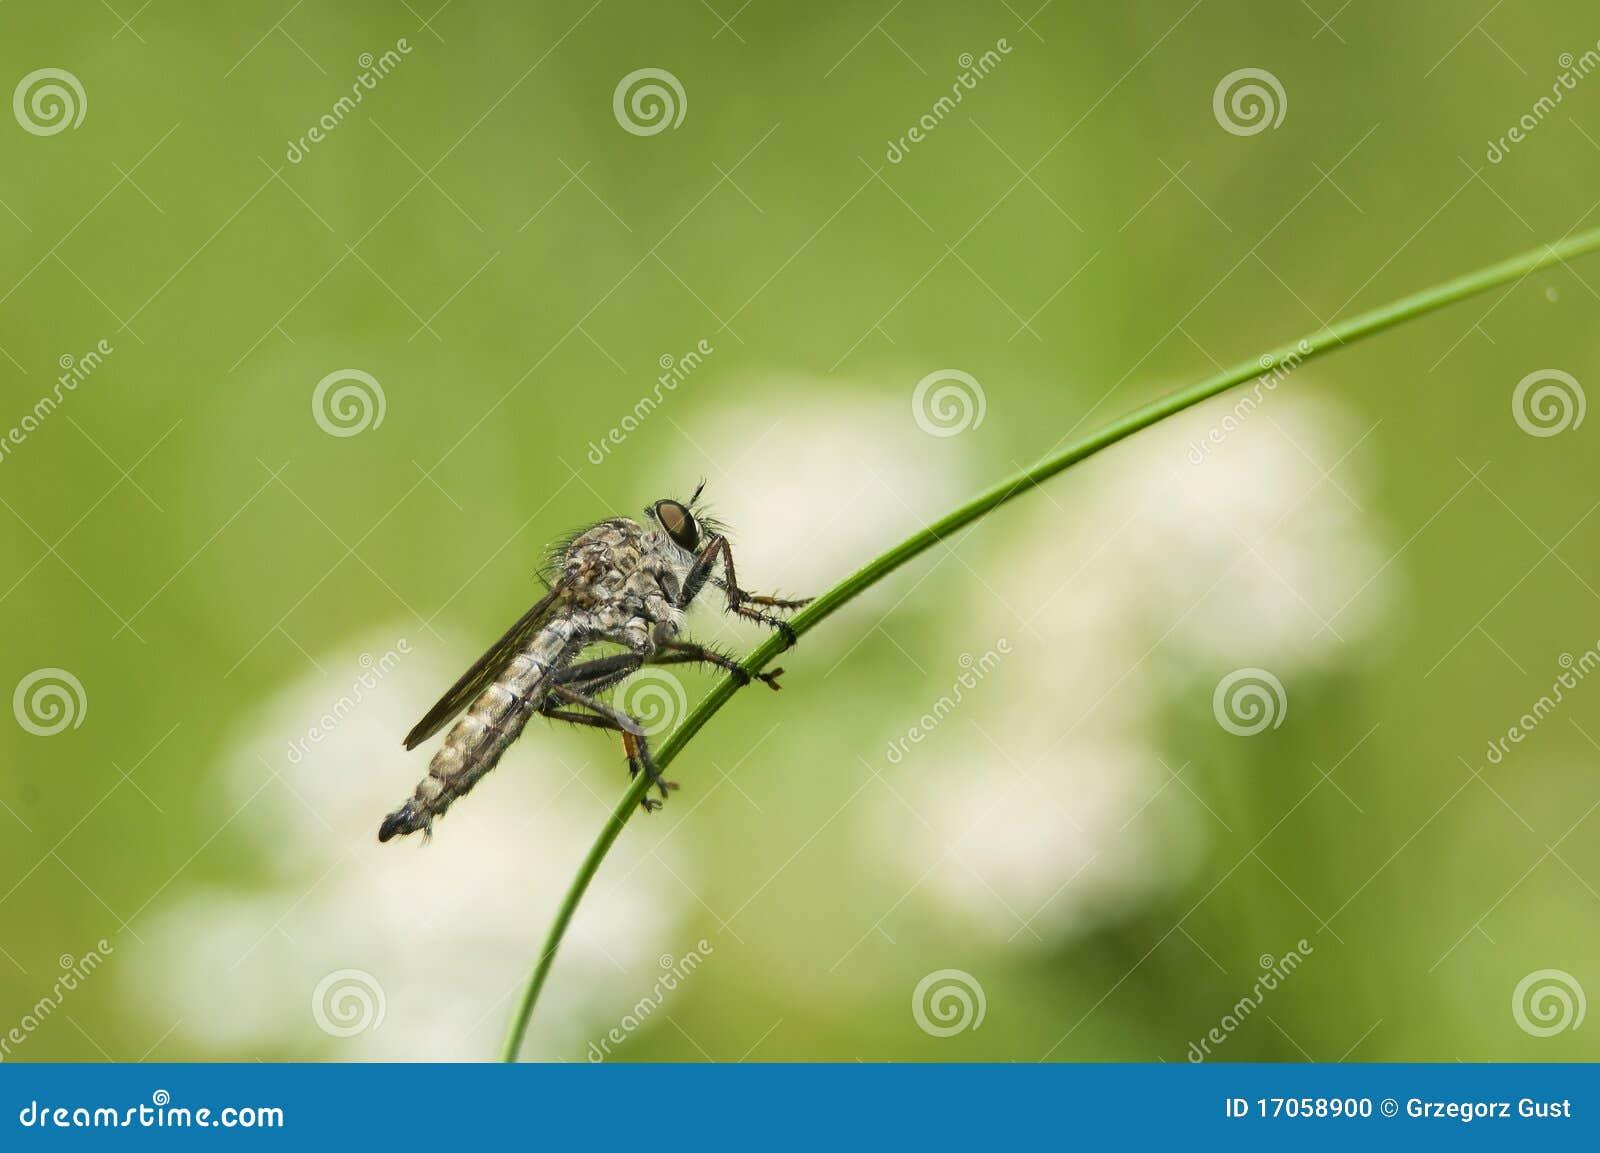 Machimus atricapillus